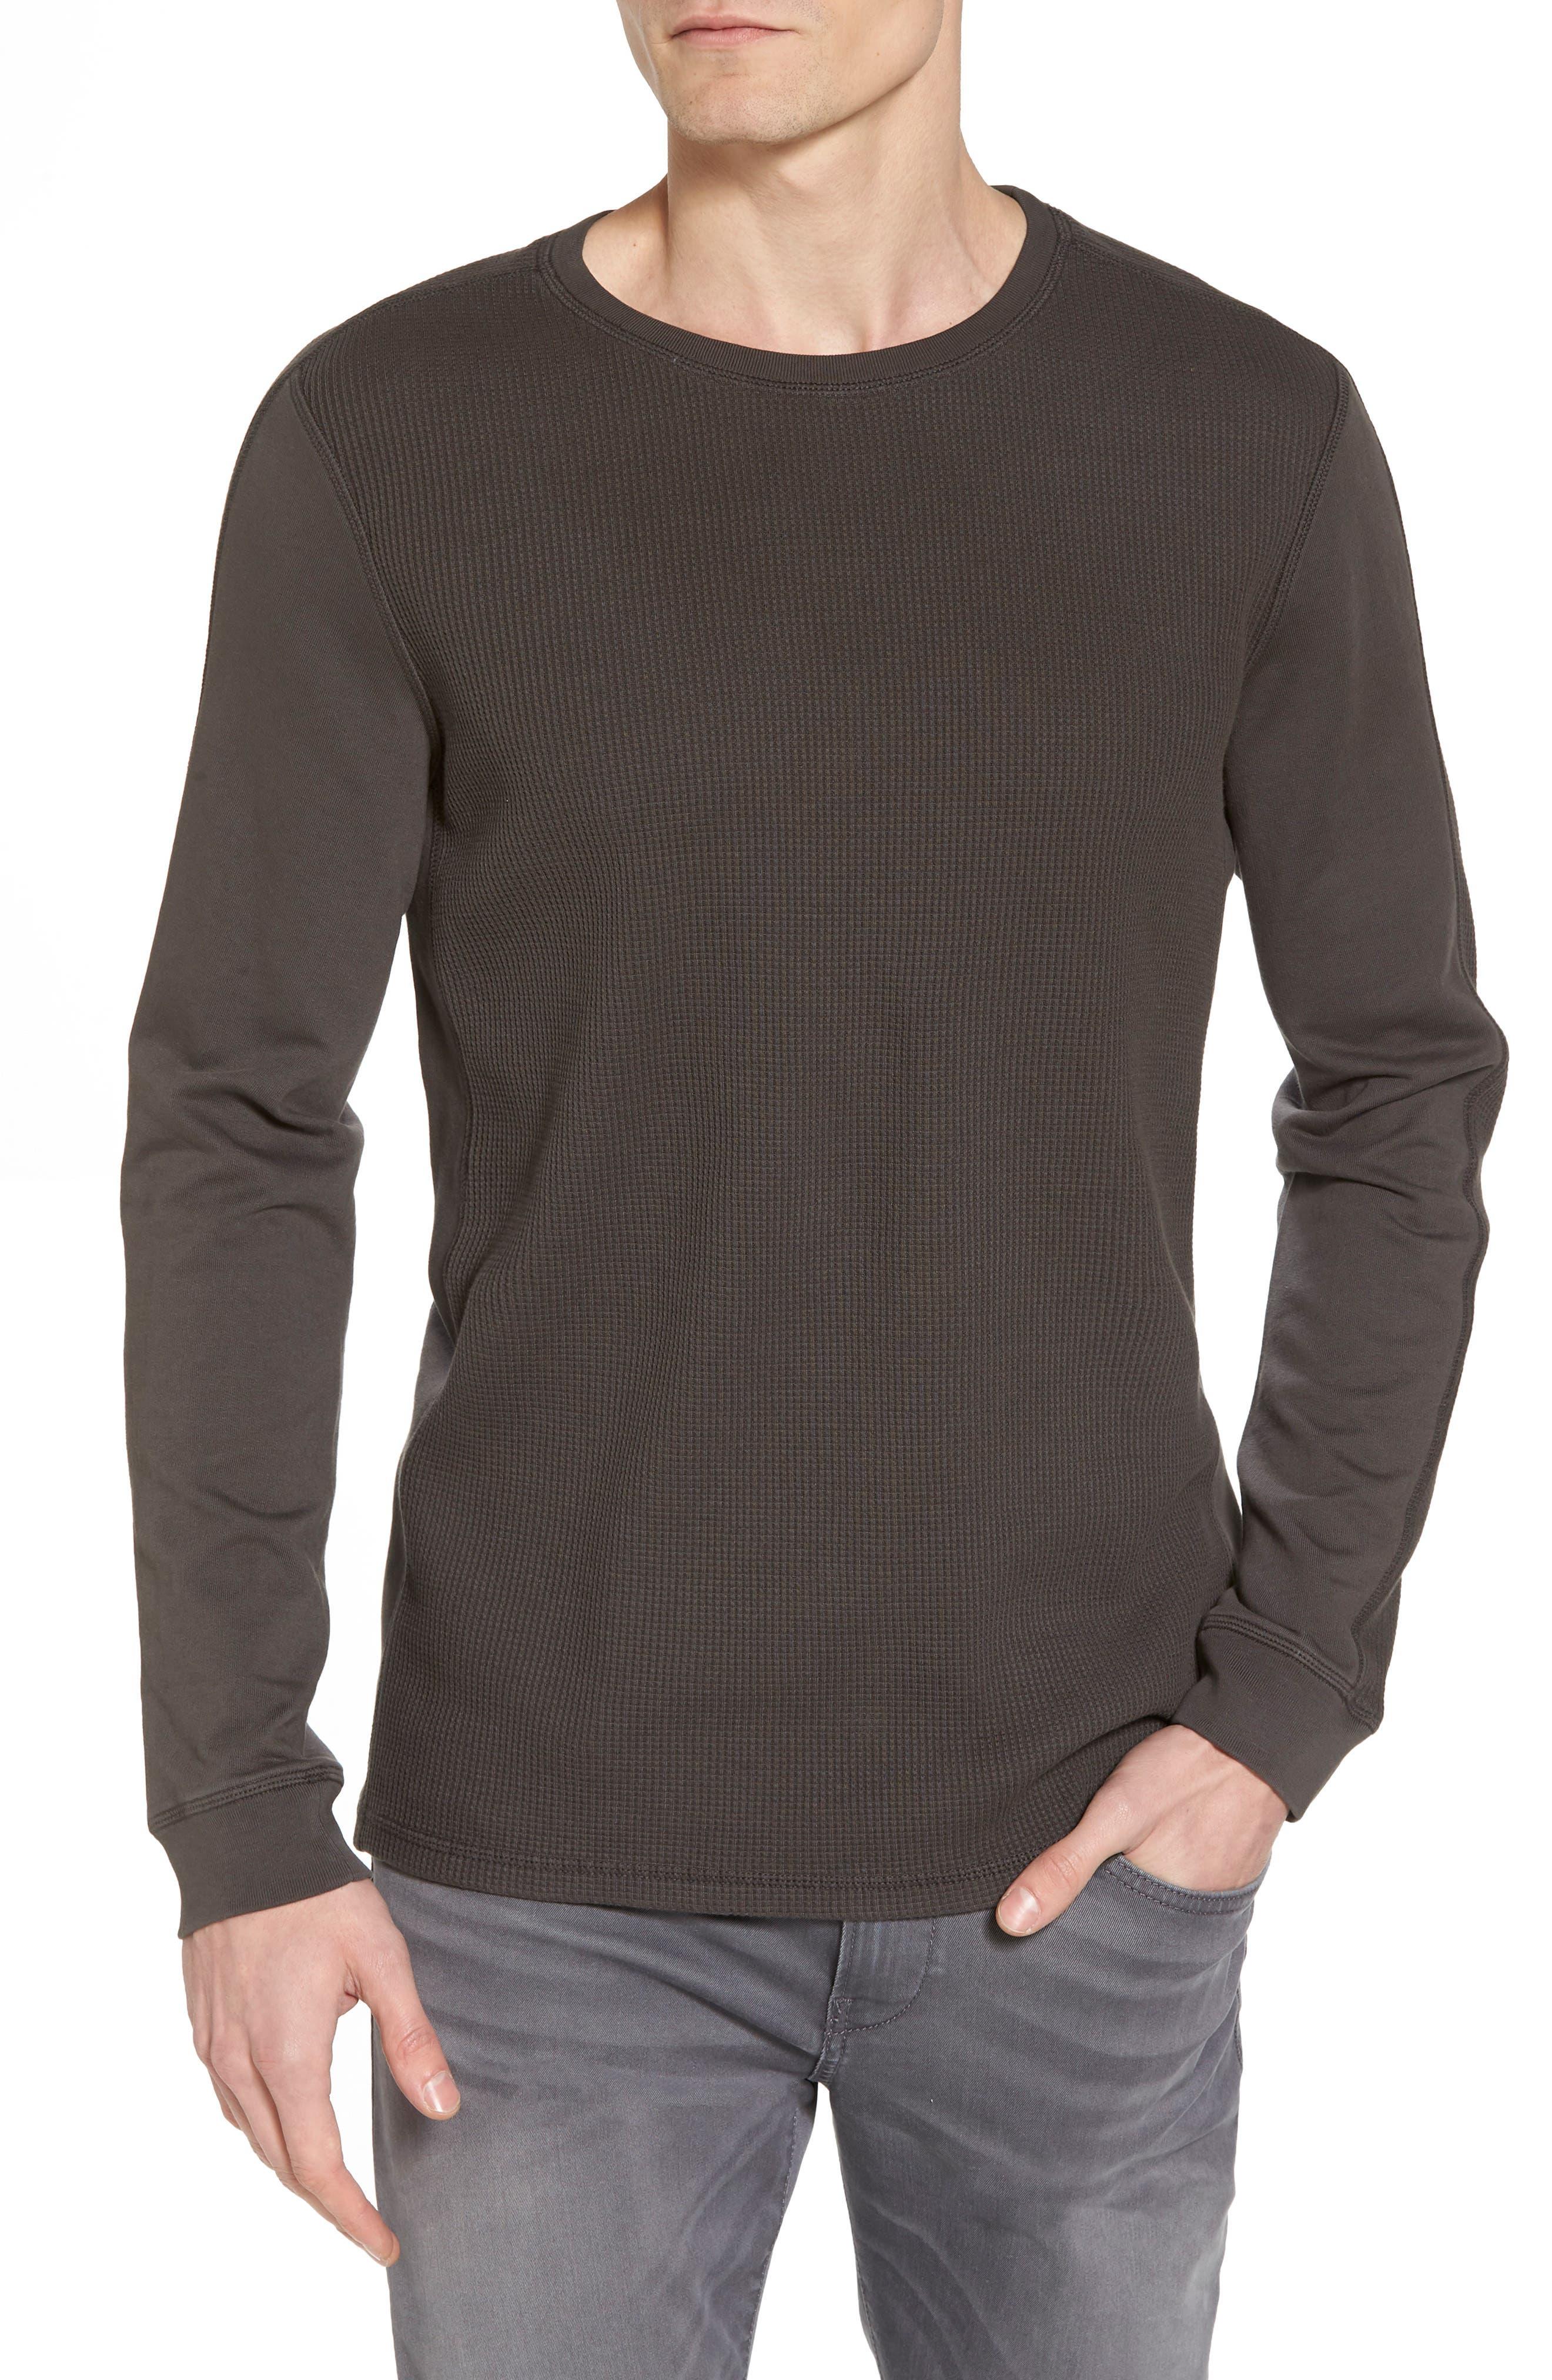 Alternate Image 1 Selected - AG Trevor Slim Fit Crewneck Shirt